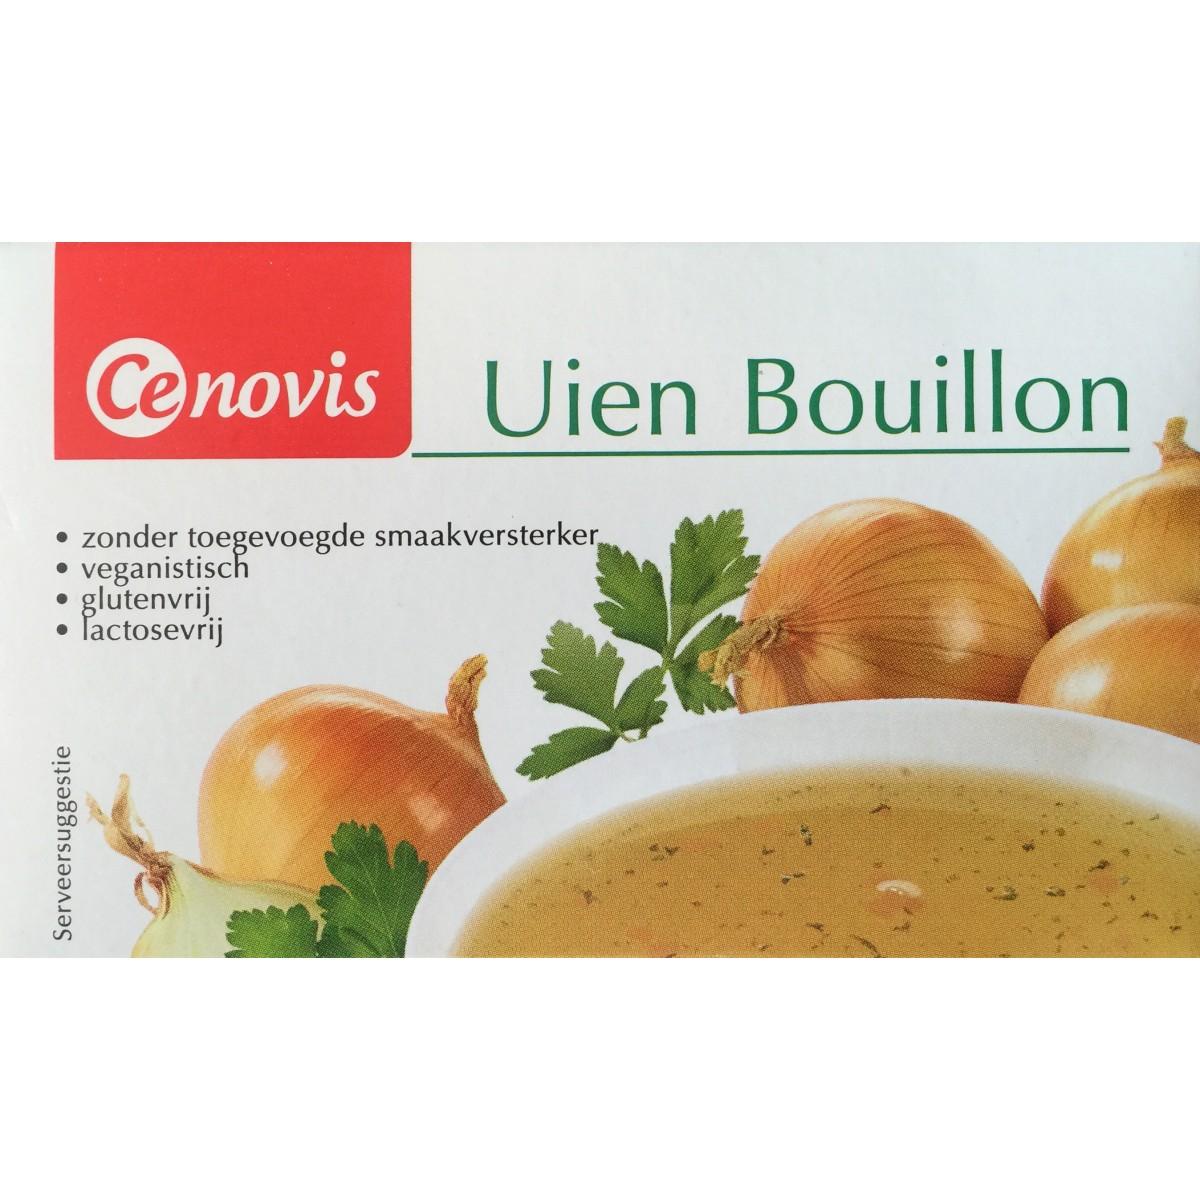 Uien Bouillon